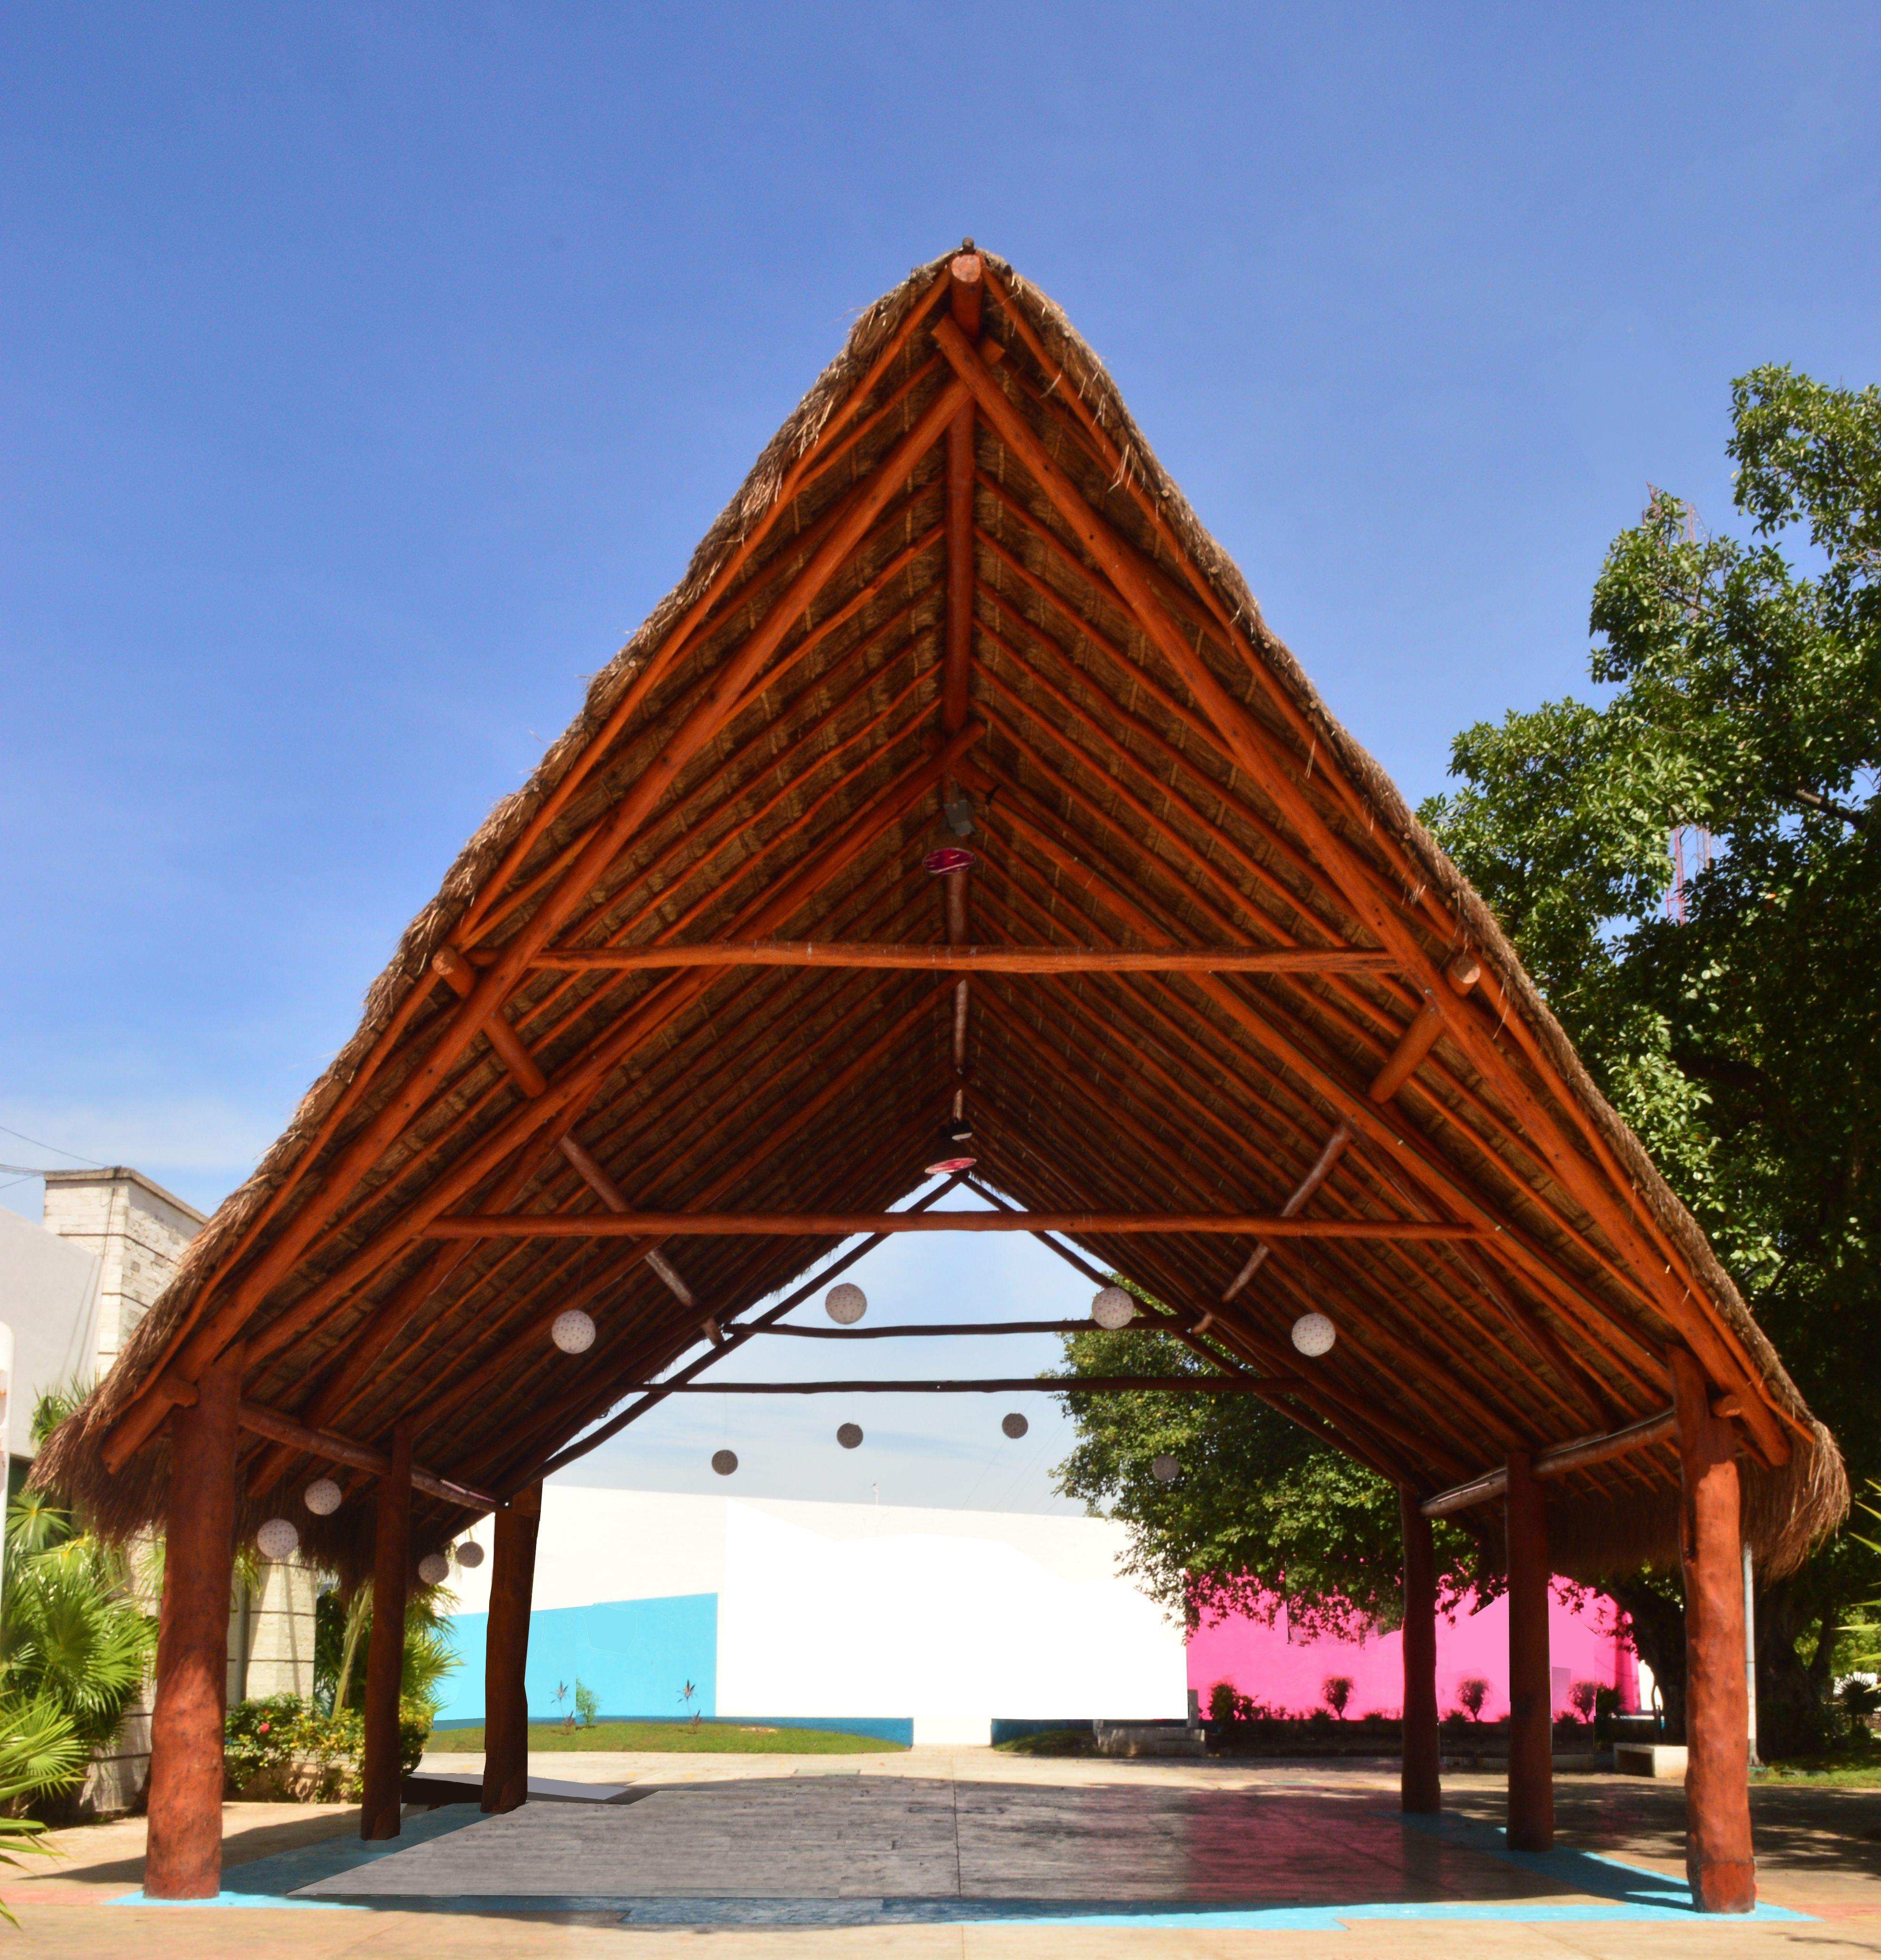 Arqymad empresa dedicada al dise o y construcci n de - Construccion de pergolas de madera ...